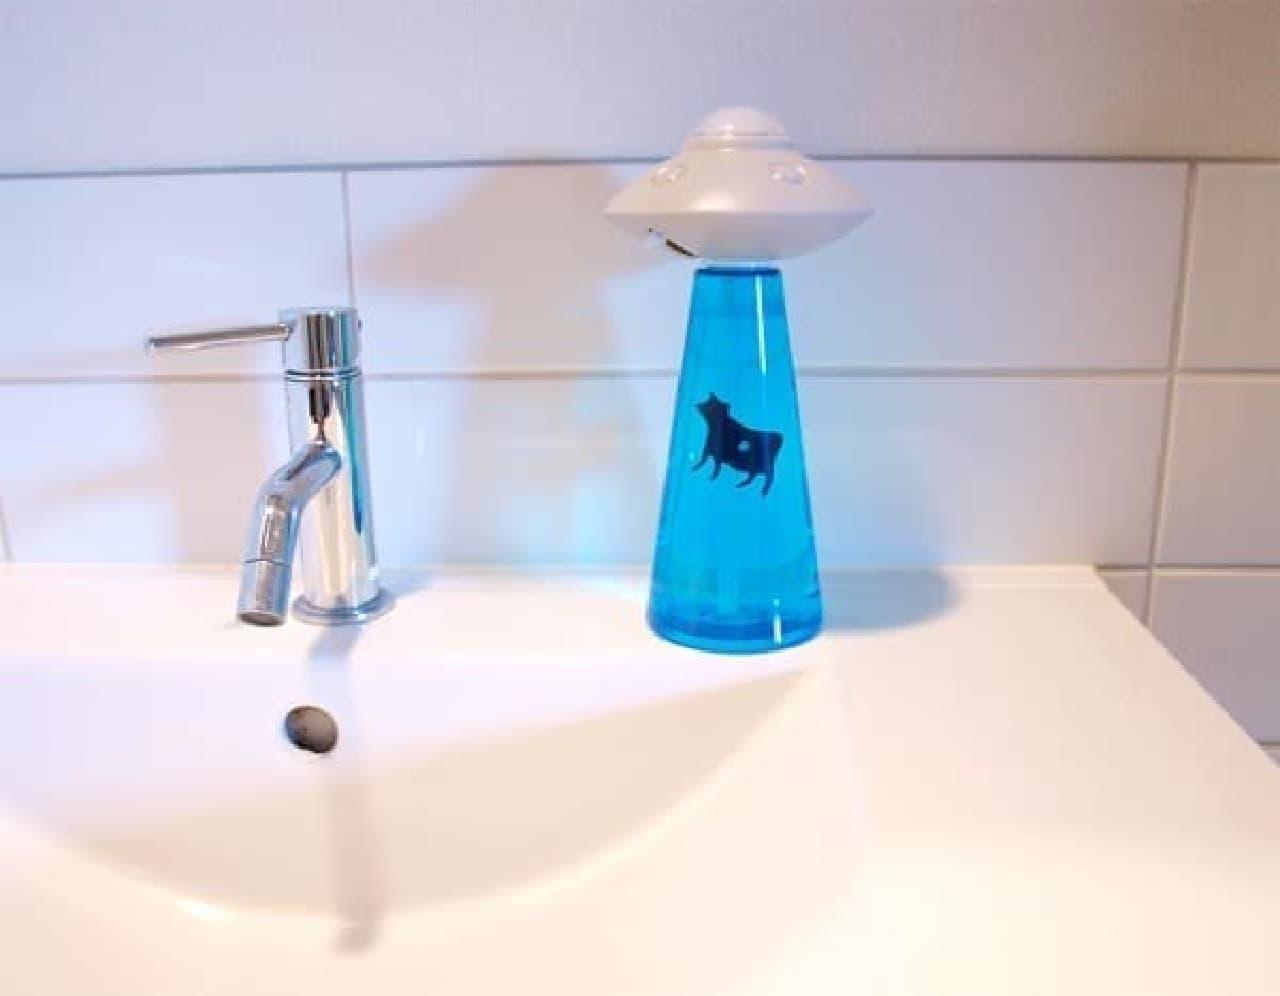 なんでもない普通の洗面所が  ちょっとだけ、宇宙っぽくなります